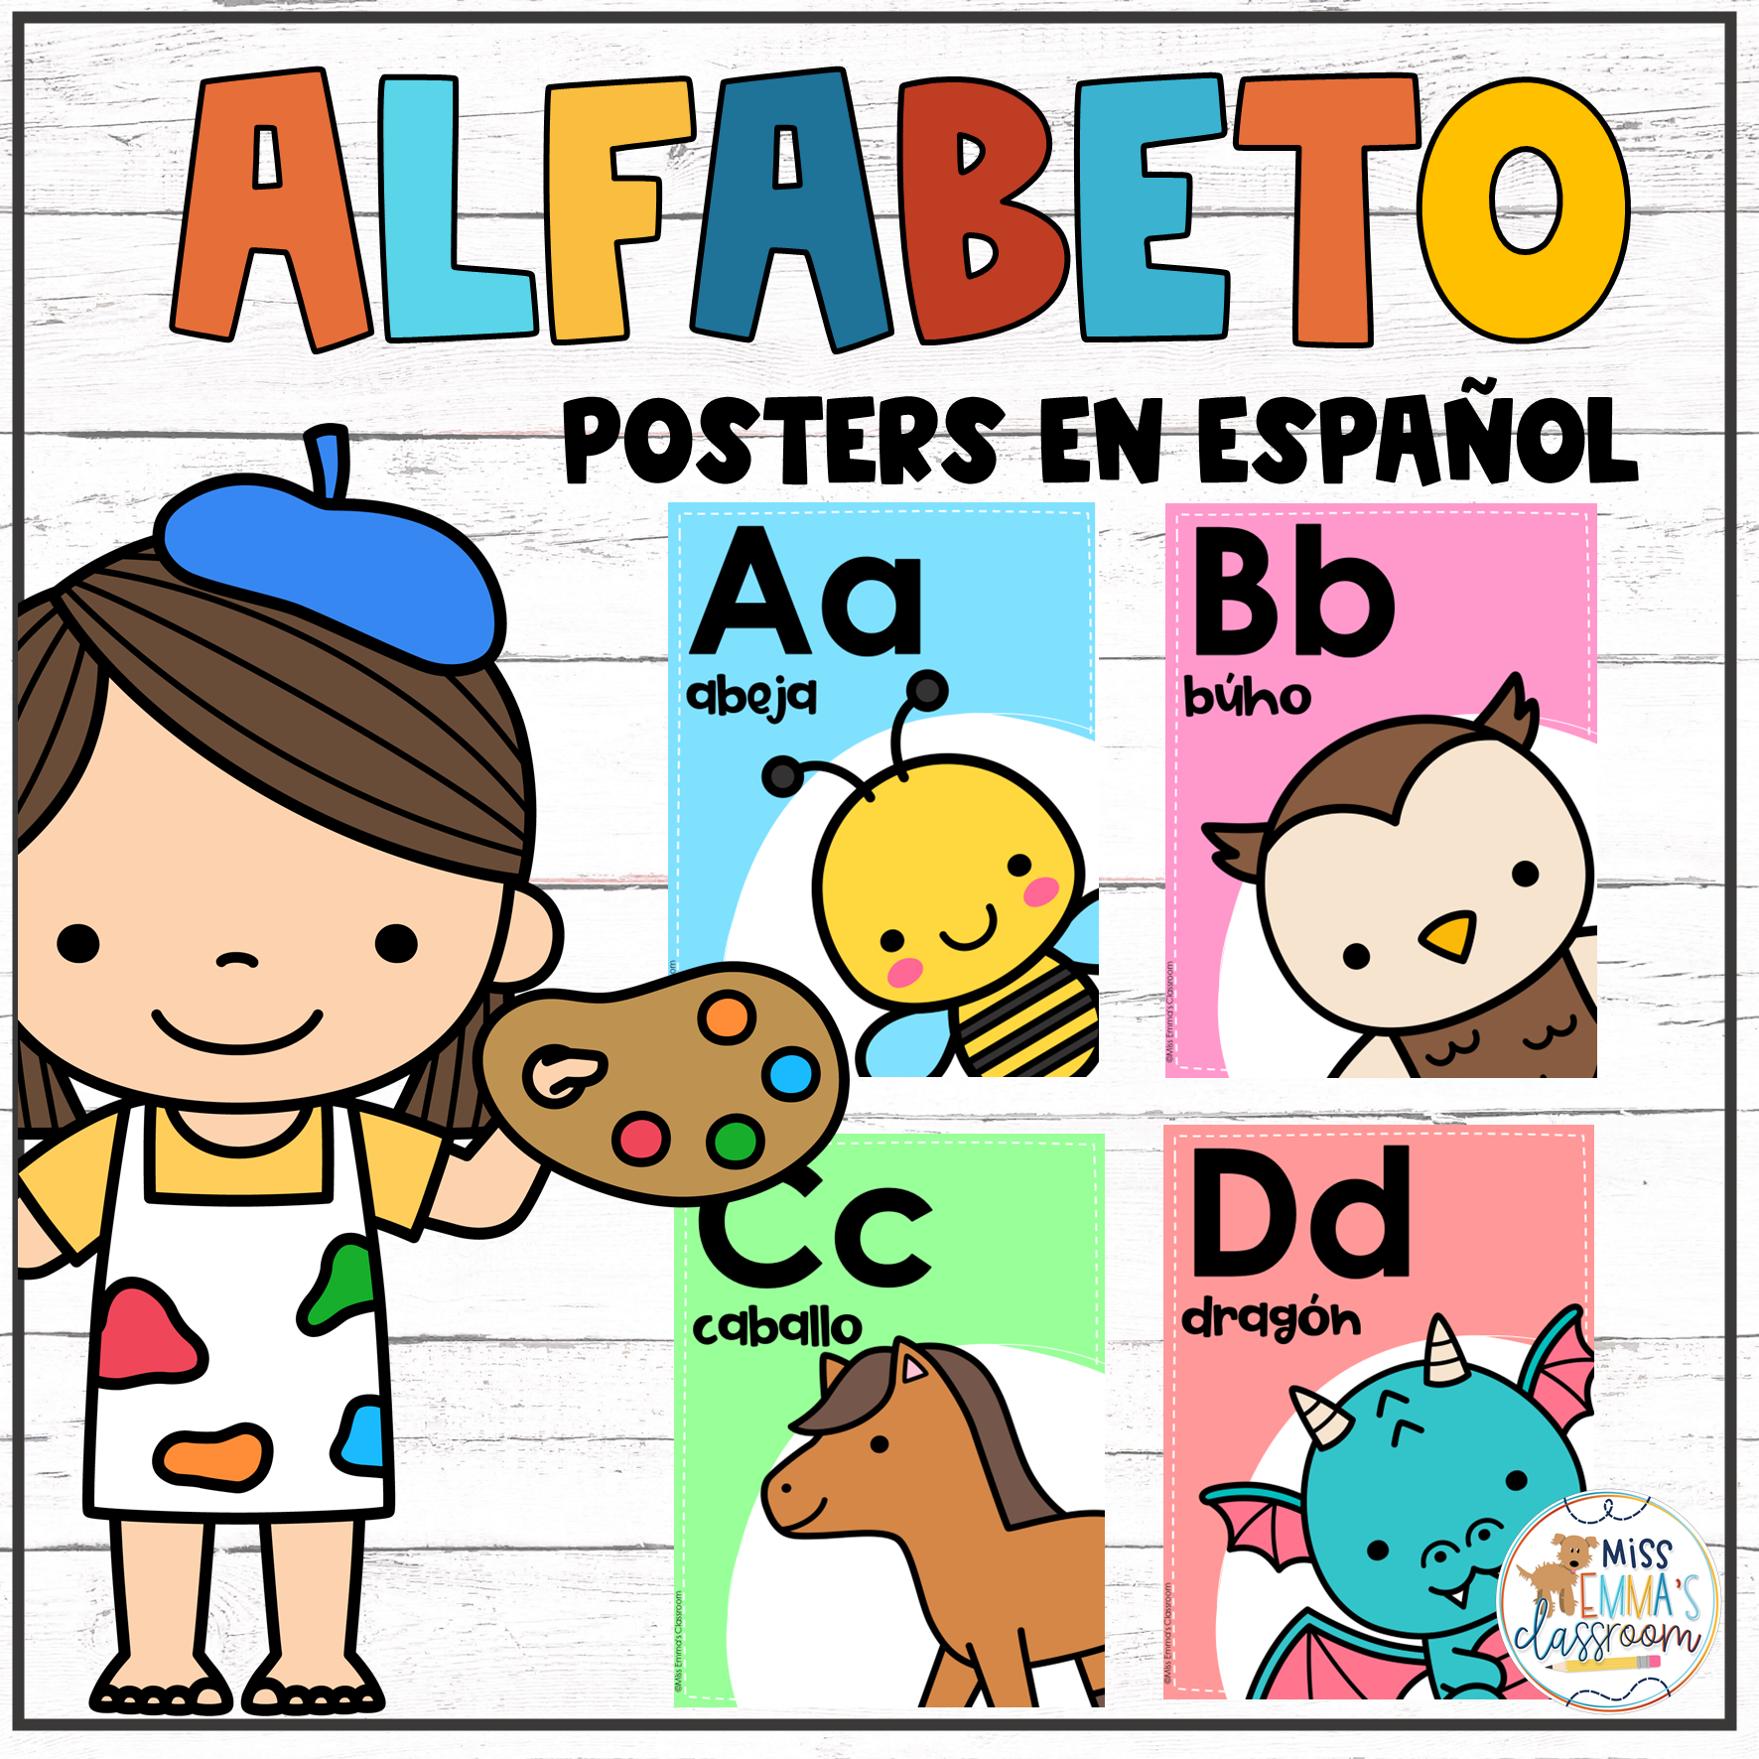 Alphabet Posters In Spanish Posters Del Alfabeto En